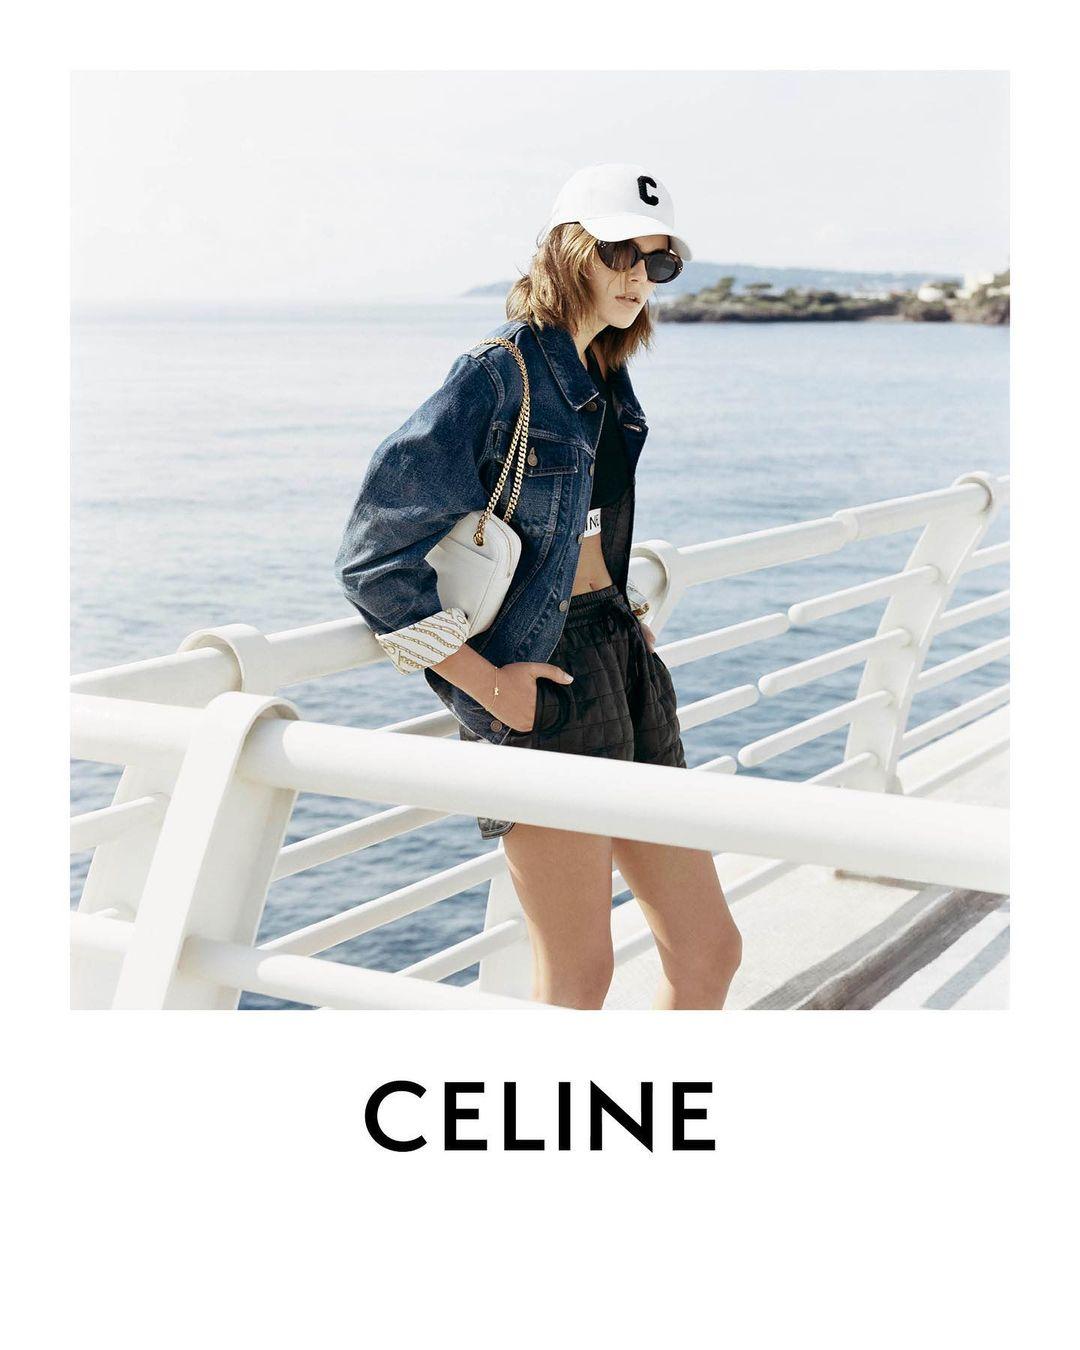 На фоне пейзажей Монако: Кайя Гербер снялась в новом кампейне Celine